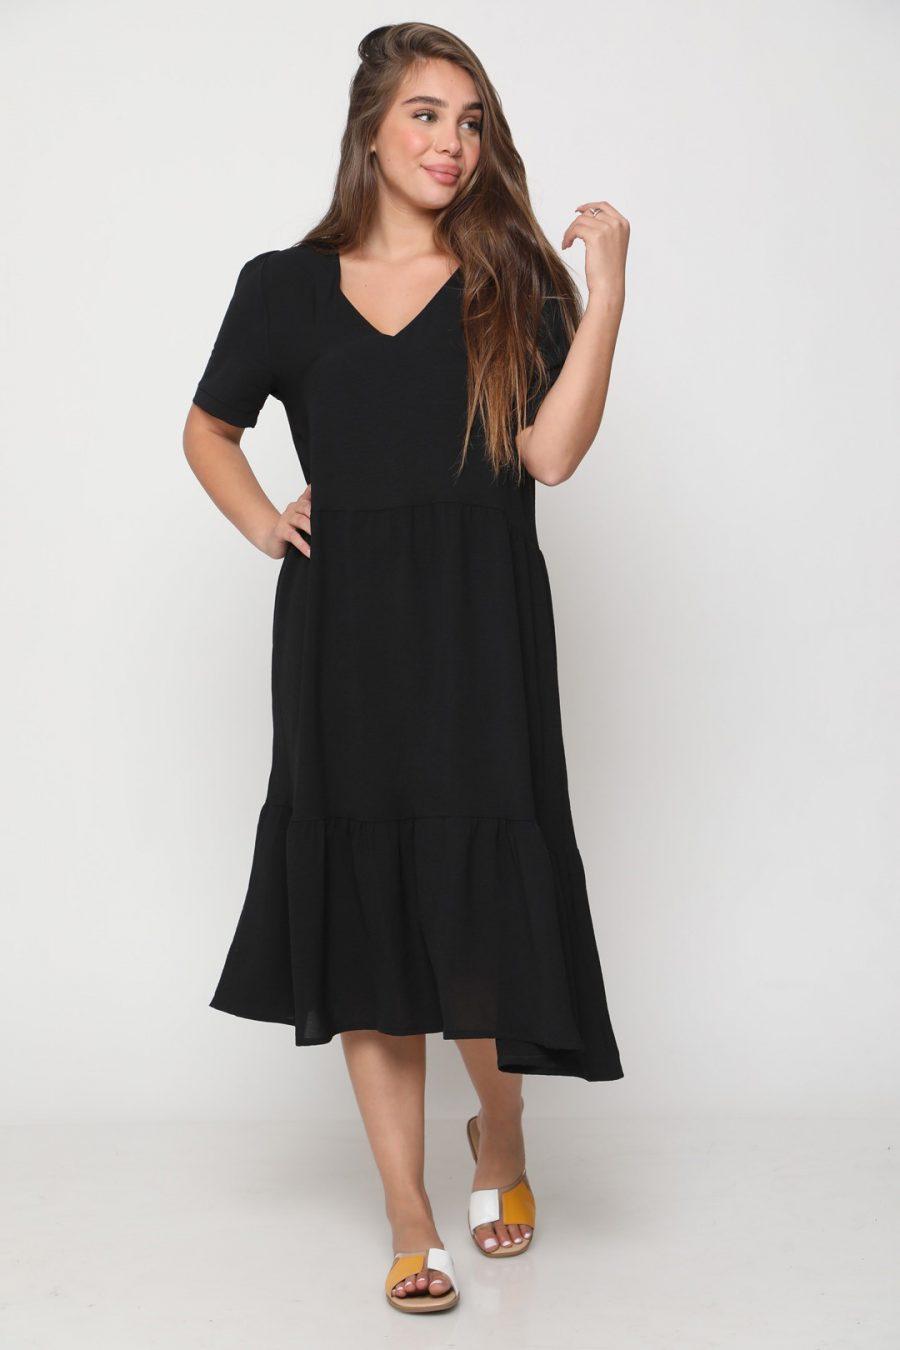 שמלה לונה שחורה